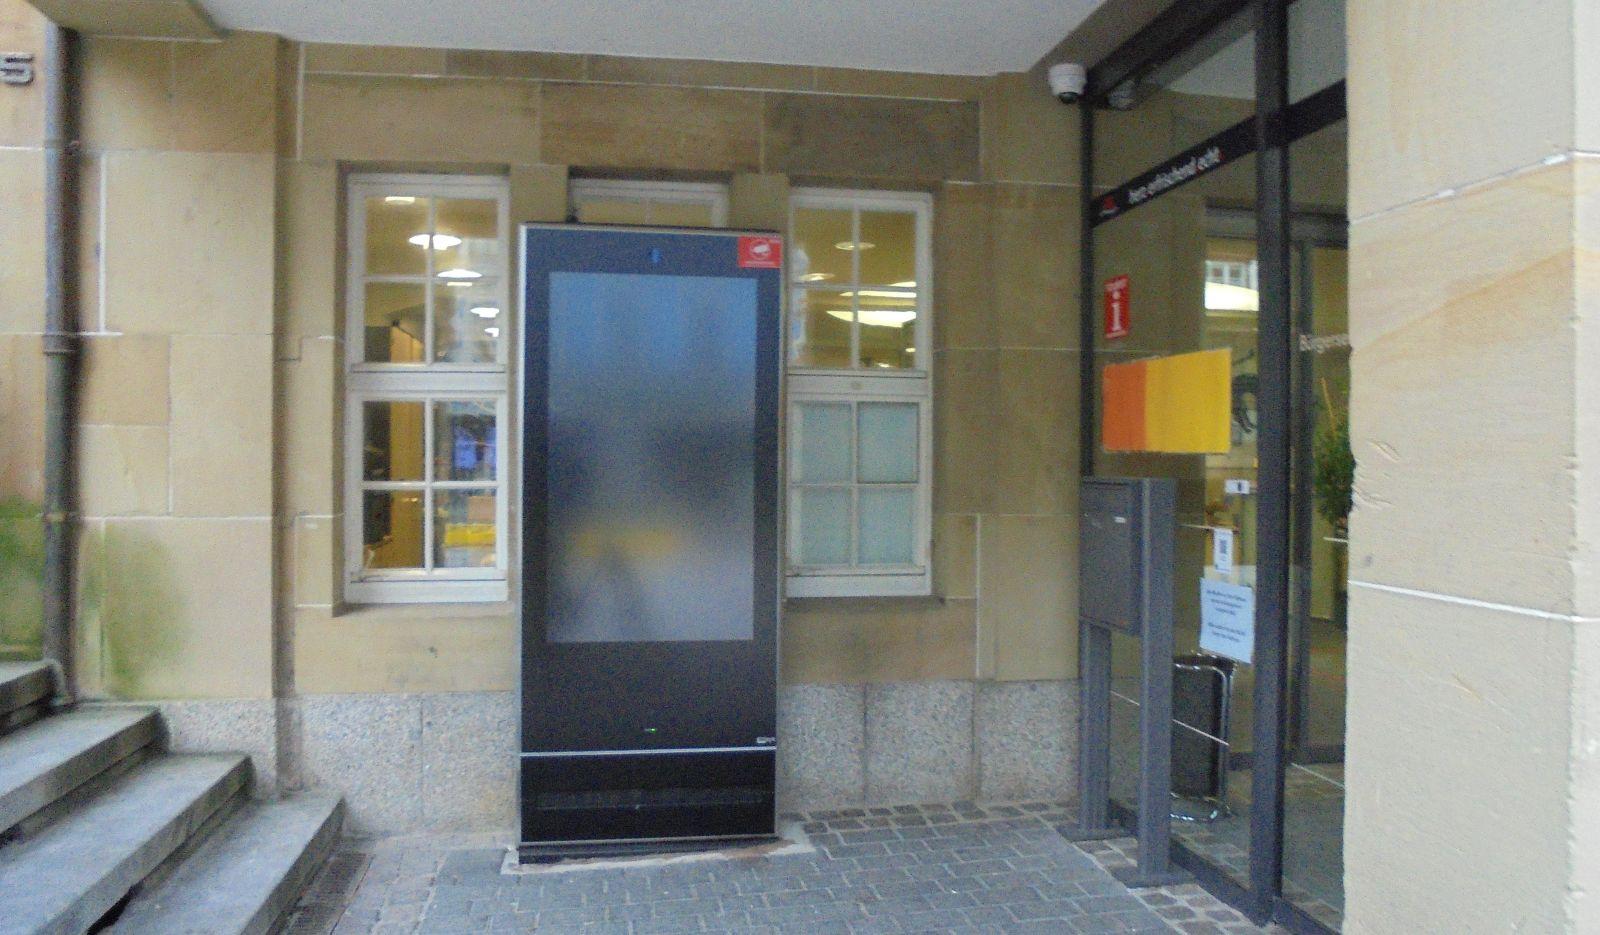 Bildschirm schwarz: Die Infosäule  wird gewartet. Foto: him